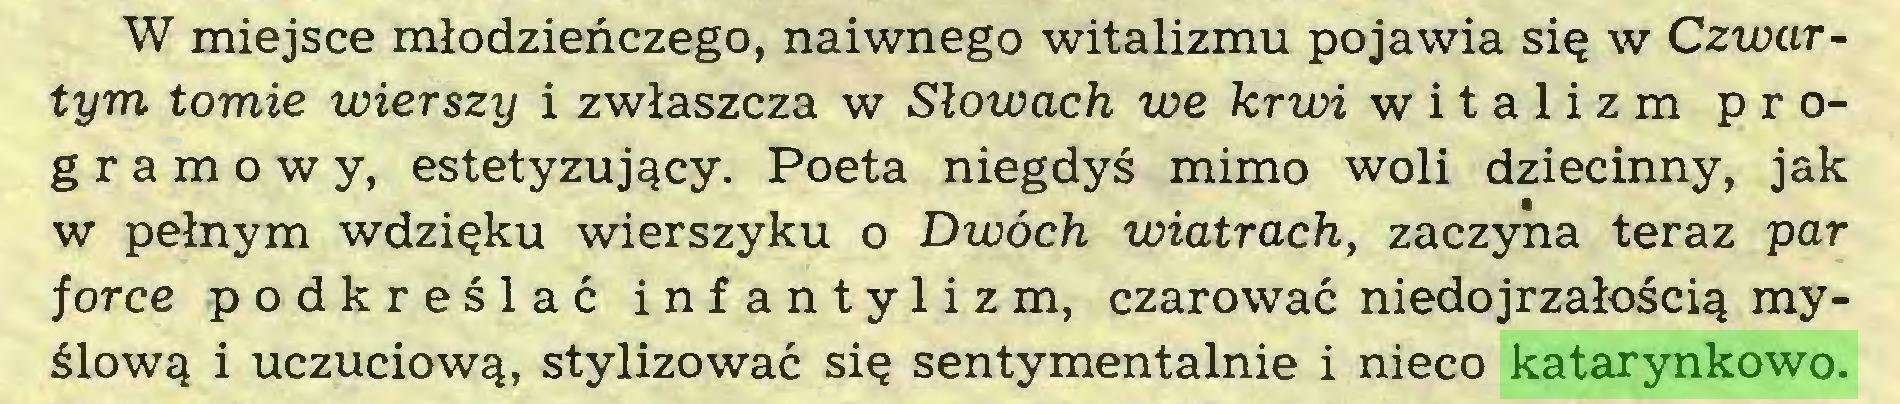 (...) W miejsce młodzieńczego, naiwnego witalizmu pojawia się w Czwartym tomie wierszy i zwłaszcza w Słowach we krwi witalizm programowy, estetyzujący. Poeta niegdyś mimo woli dziecinny, jak w pełnym wdzięku wierszyku o Dwóch wiatrach, zaczyna teraz par force podkreślać infantylizm, czarować niedojrzałością myślową i uczuciową, stylizować się sentymentalnie i nieco katarynkowo...